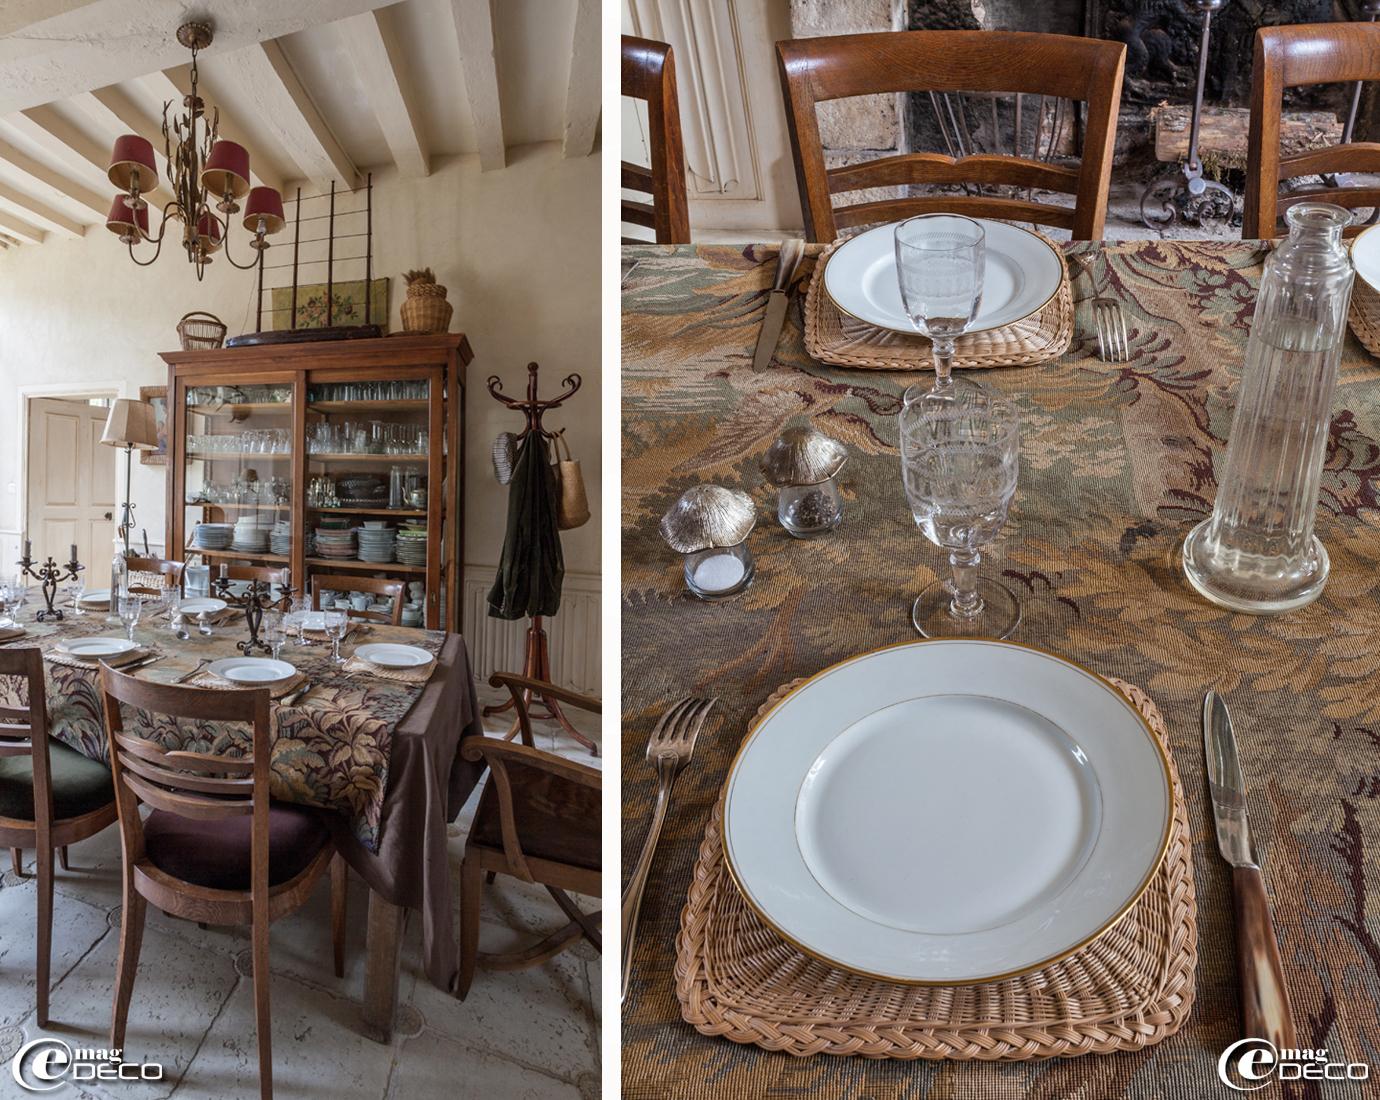 A l'Hôtel de Tailles, maison d'hôtes à Mortagne-au-Perche, une nappe en tapisserie chinée à Moulins-la-Marche. Sets de table en rotin chinés chez Sylvain Chériau à Mortagne-au-Perche